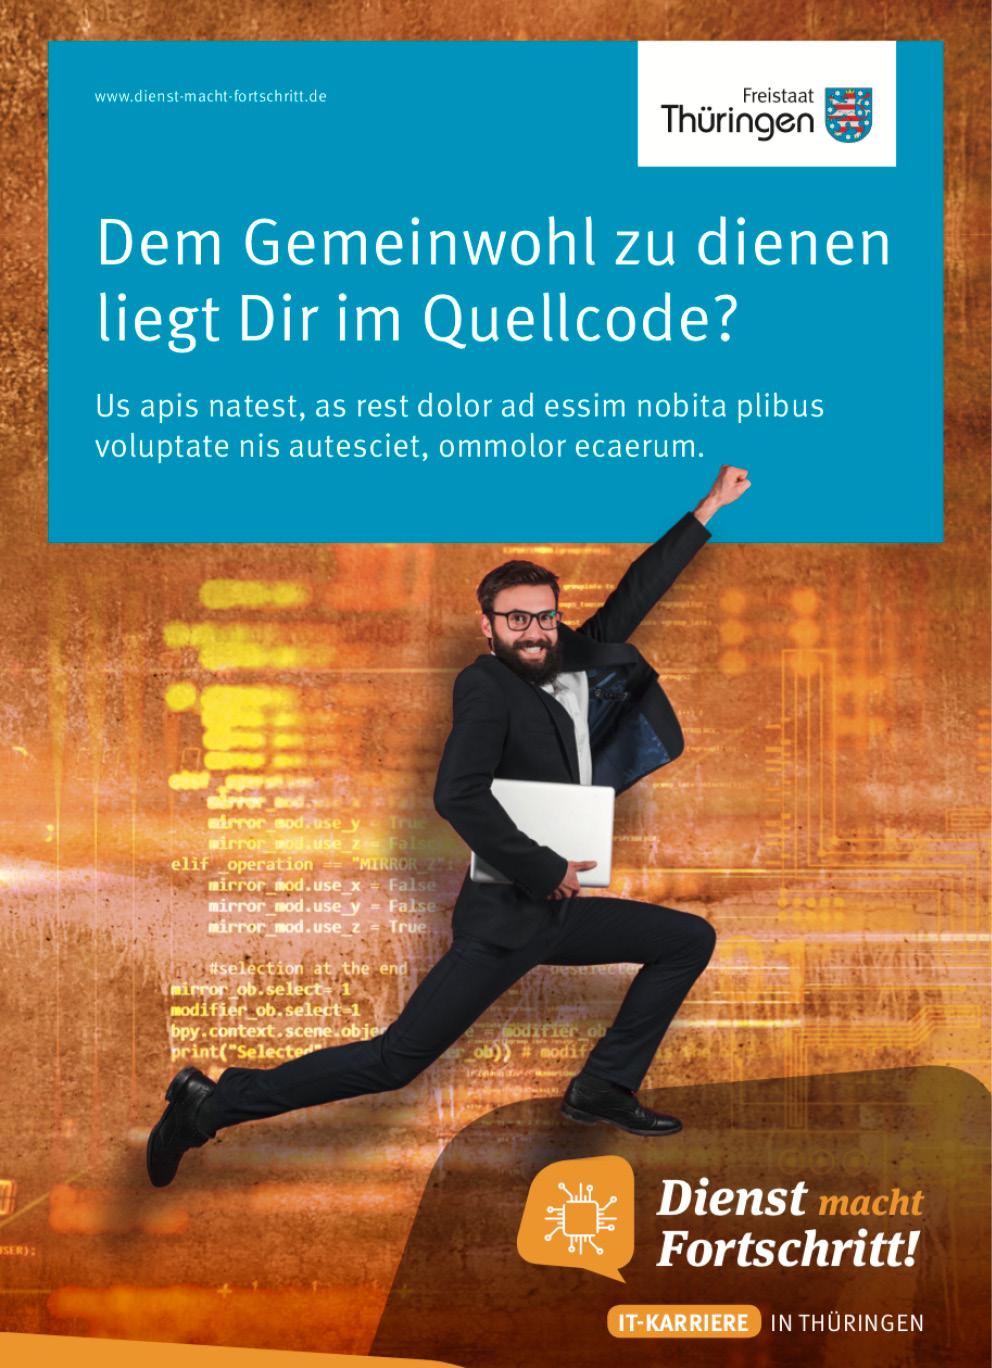 Samt&Seidel_Referenzen_LEG_Arbeitgebermarke_05